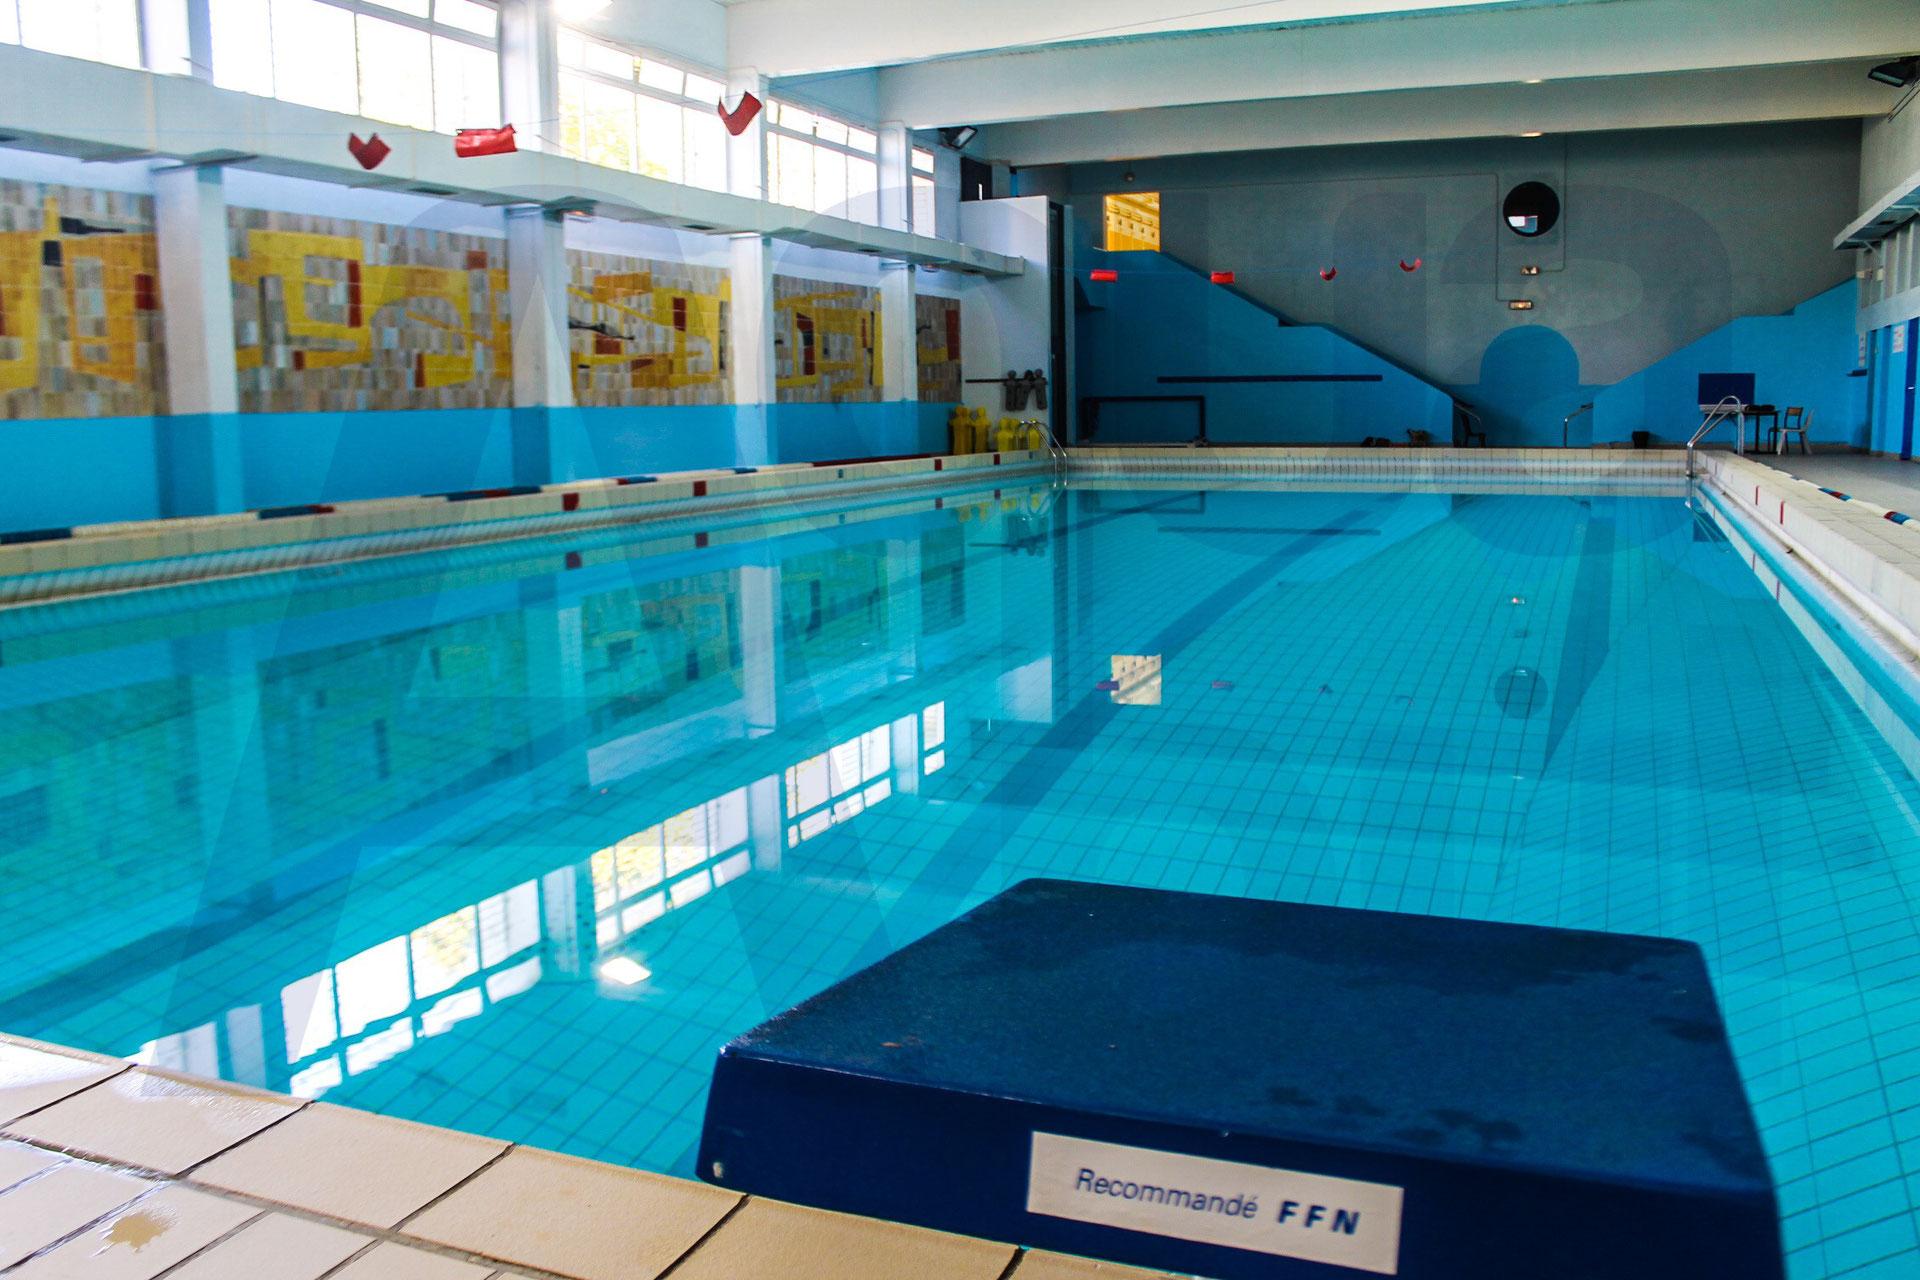 Piscines - Aquabul Marseille : Natation, Aquabike, Aquagym ... pour Horaire Piscine Marseille